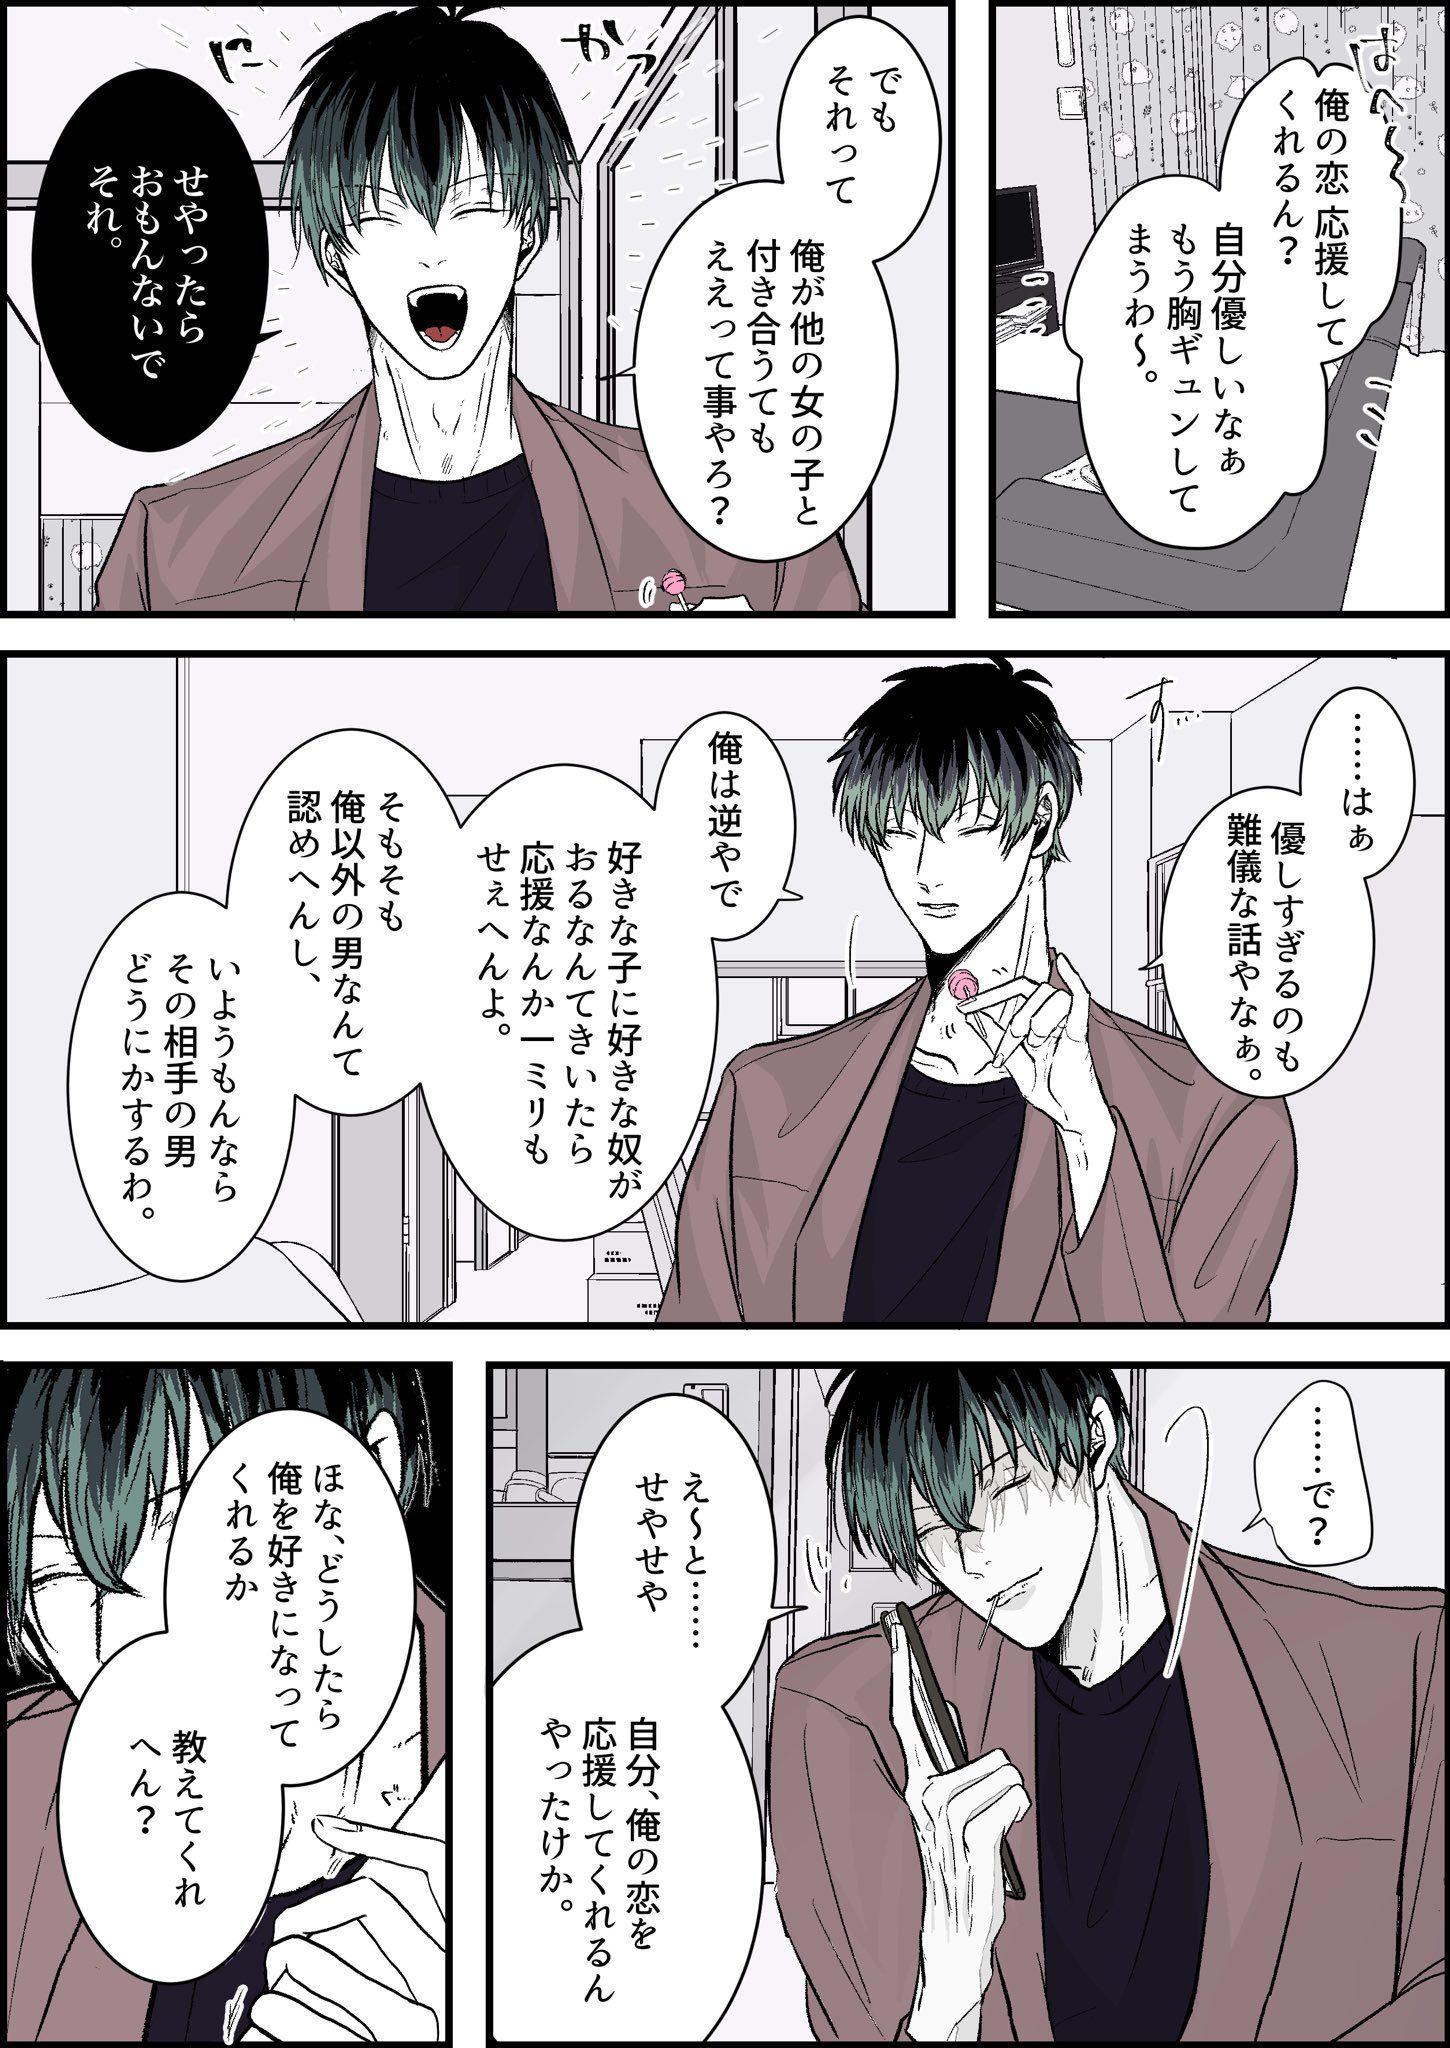 ツイステ 夢 小説 男 主